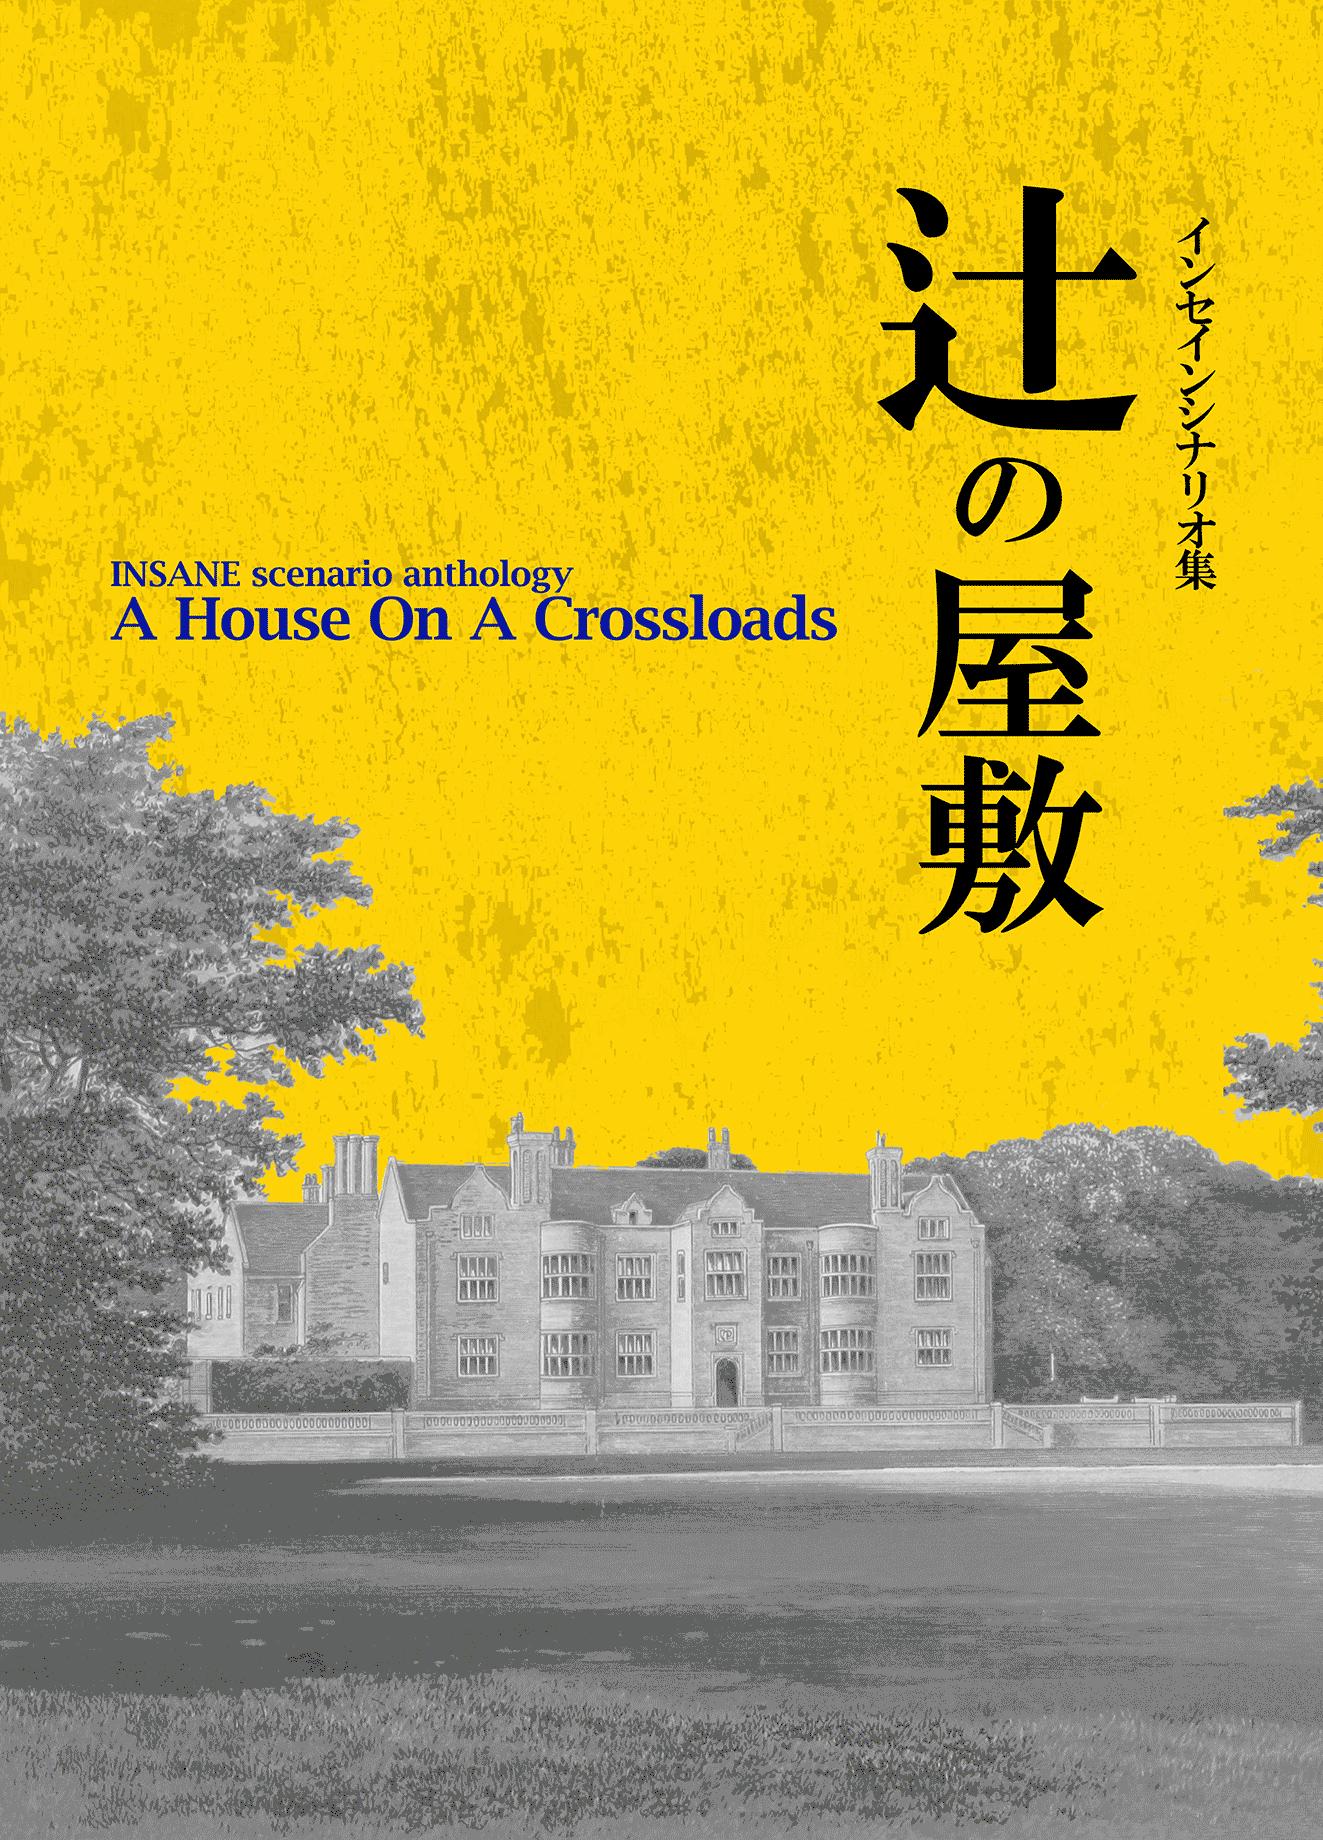 インセインシナリオ集「辻の屋敷」表紙